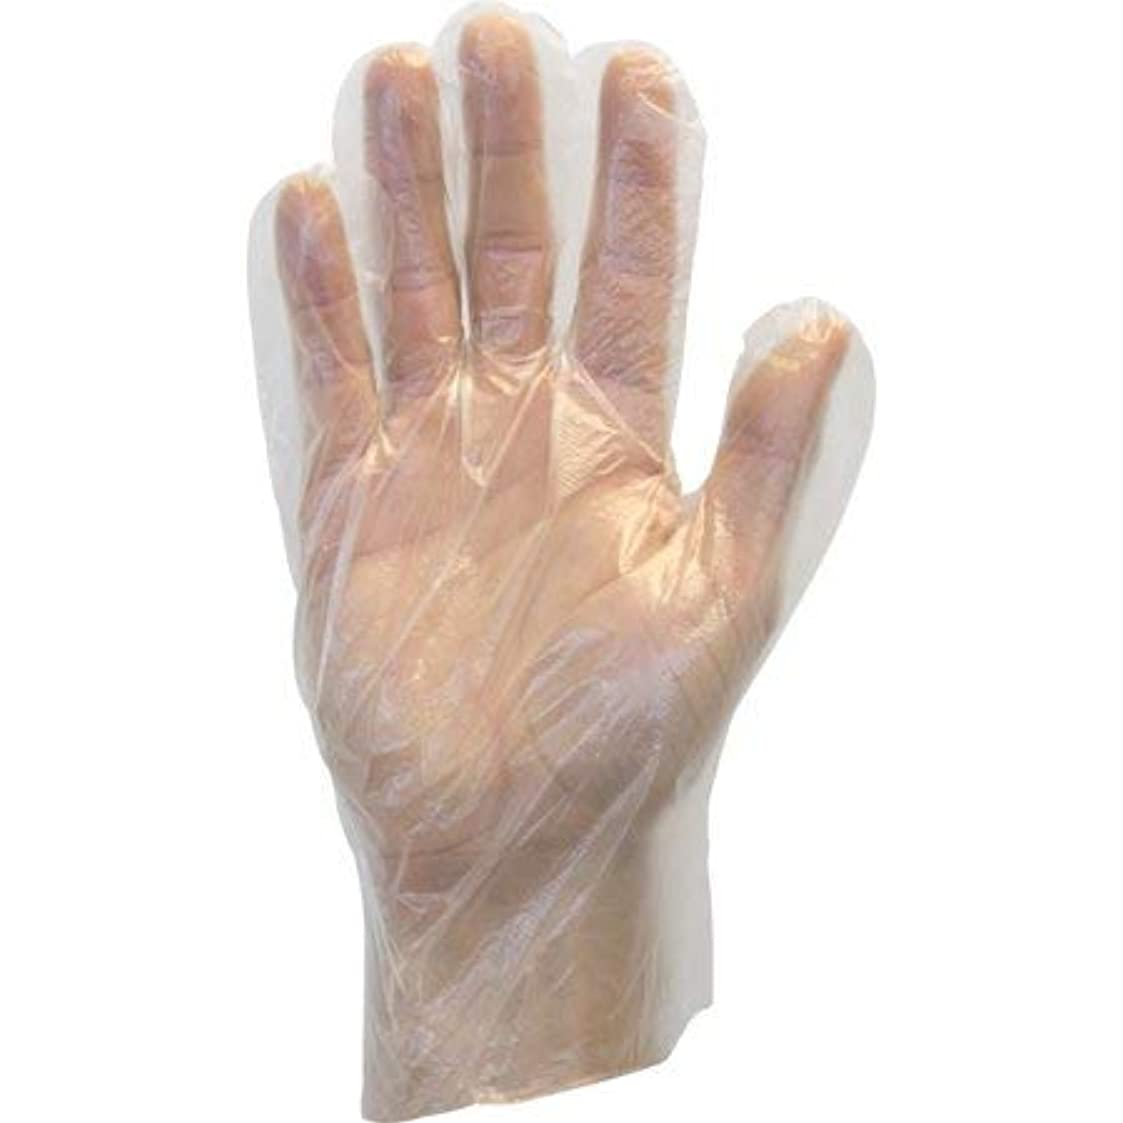 論理名義で破産Ambitex 使い捨て手袋 10,000枚 S PSM6501